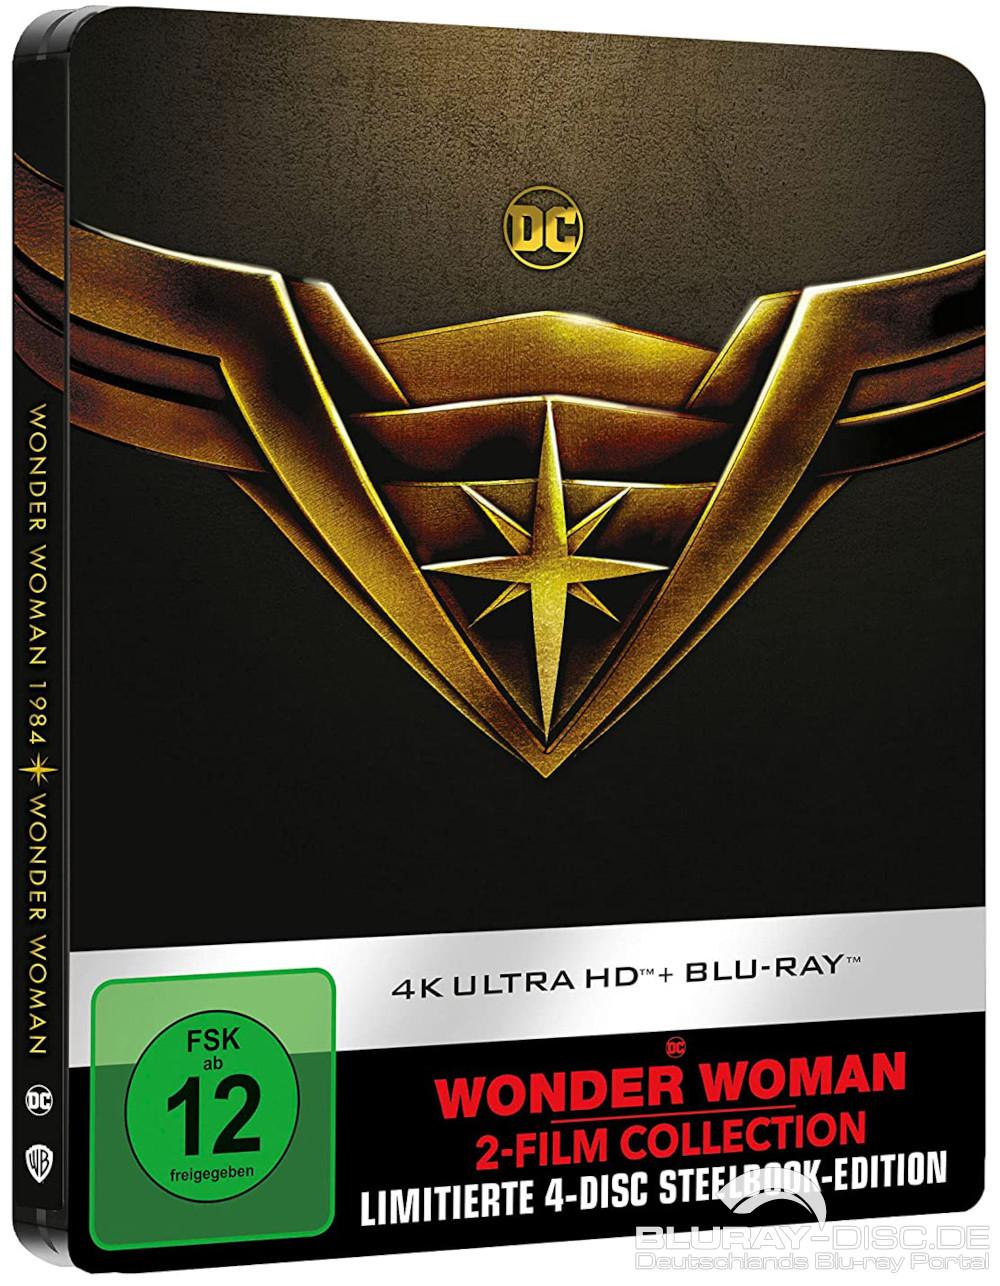 Wonder-Woman-Doppelset-Steelbook-Galerie-01.jpg